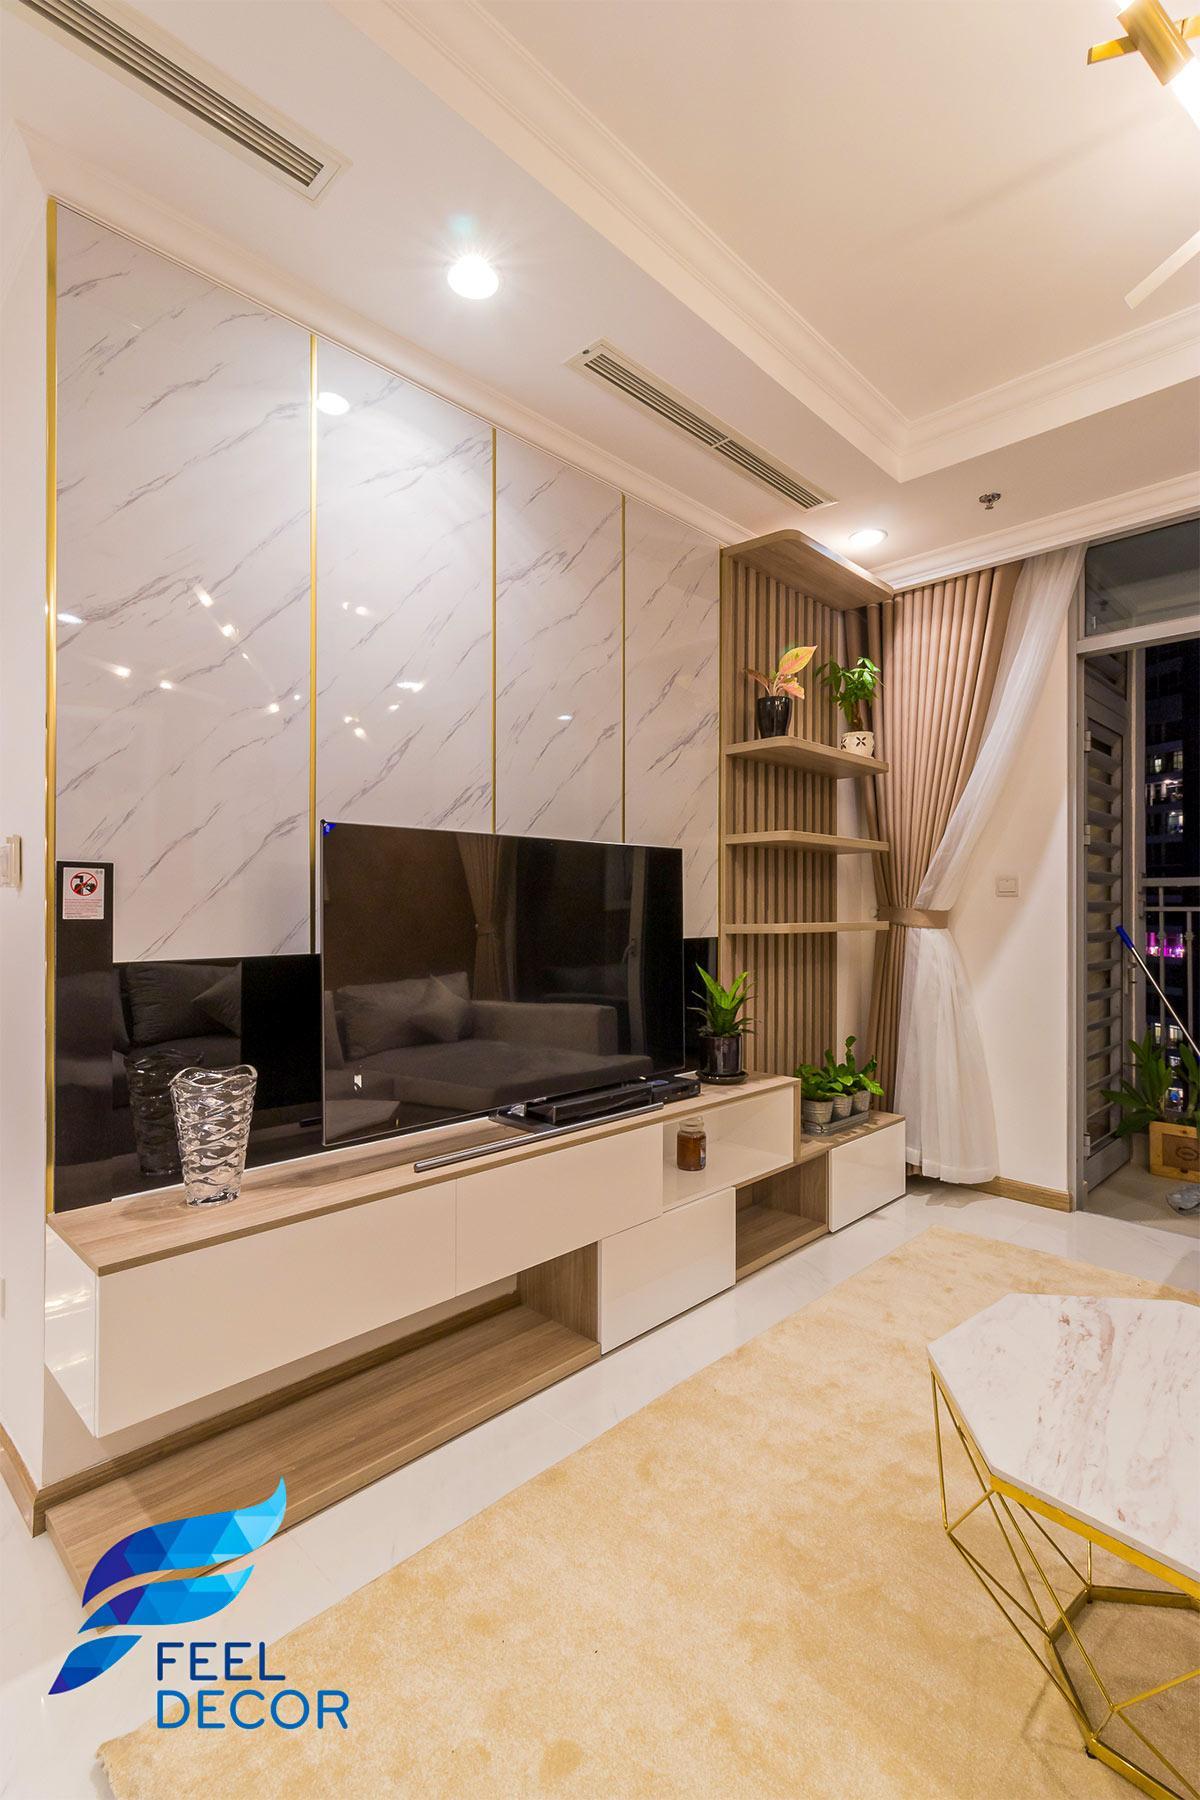 Thiết kế thi công nội thất căn hộ Vinhomes Central Park – Chủ đầu tư Chị Nguyên